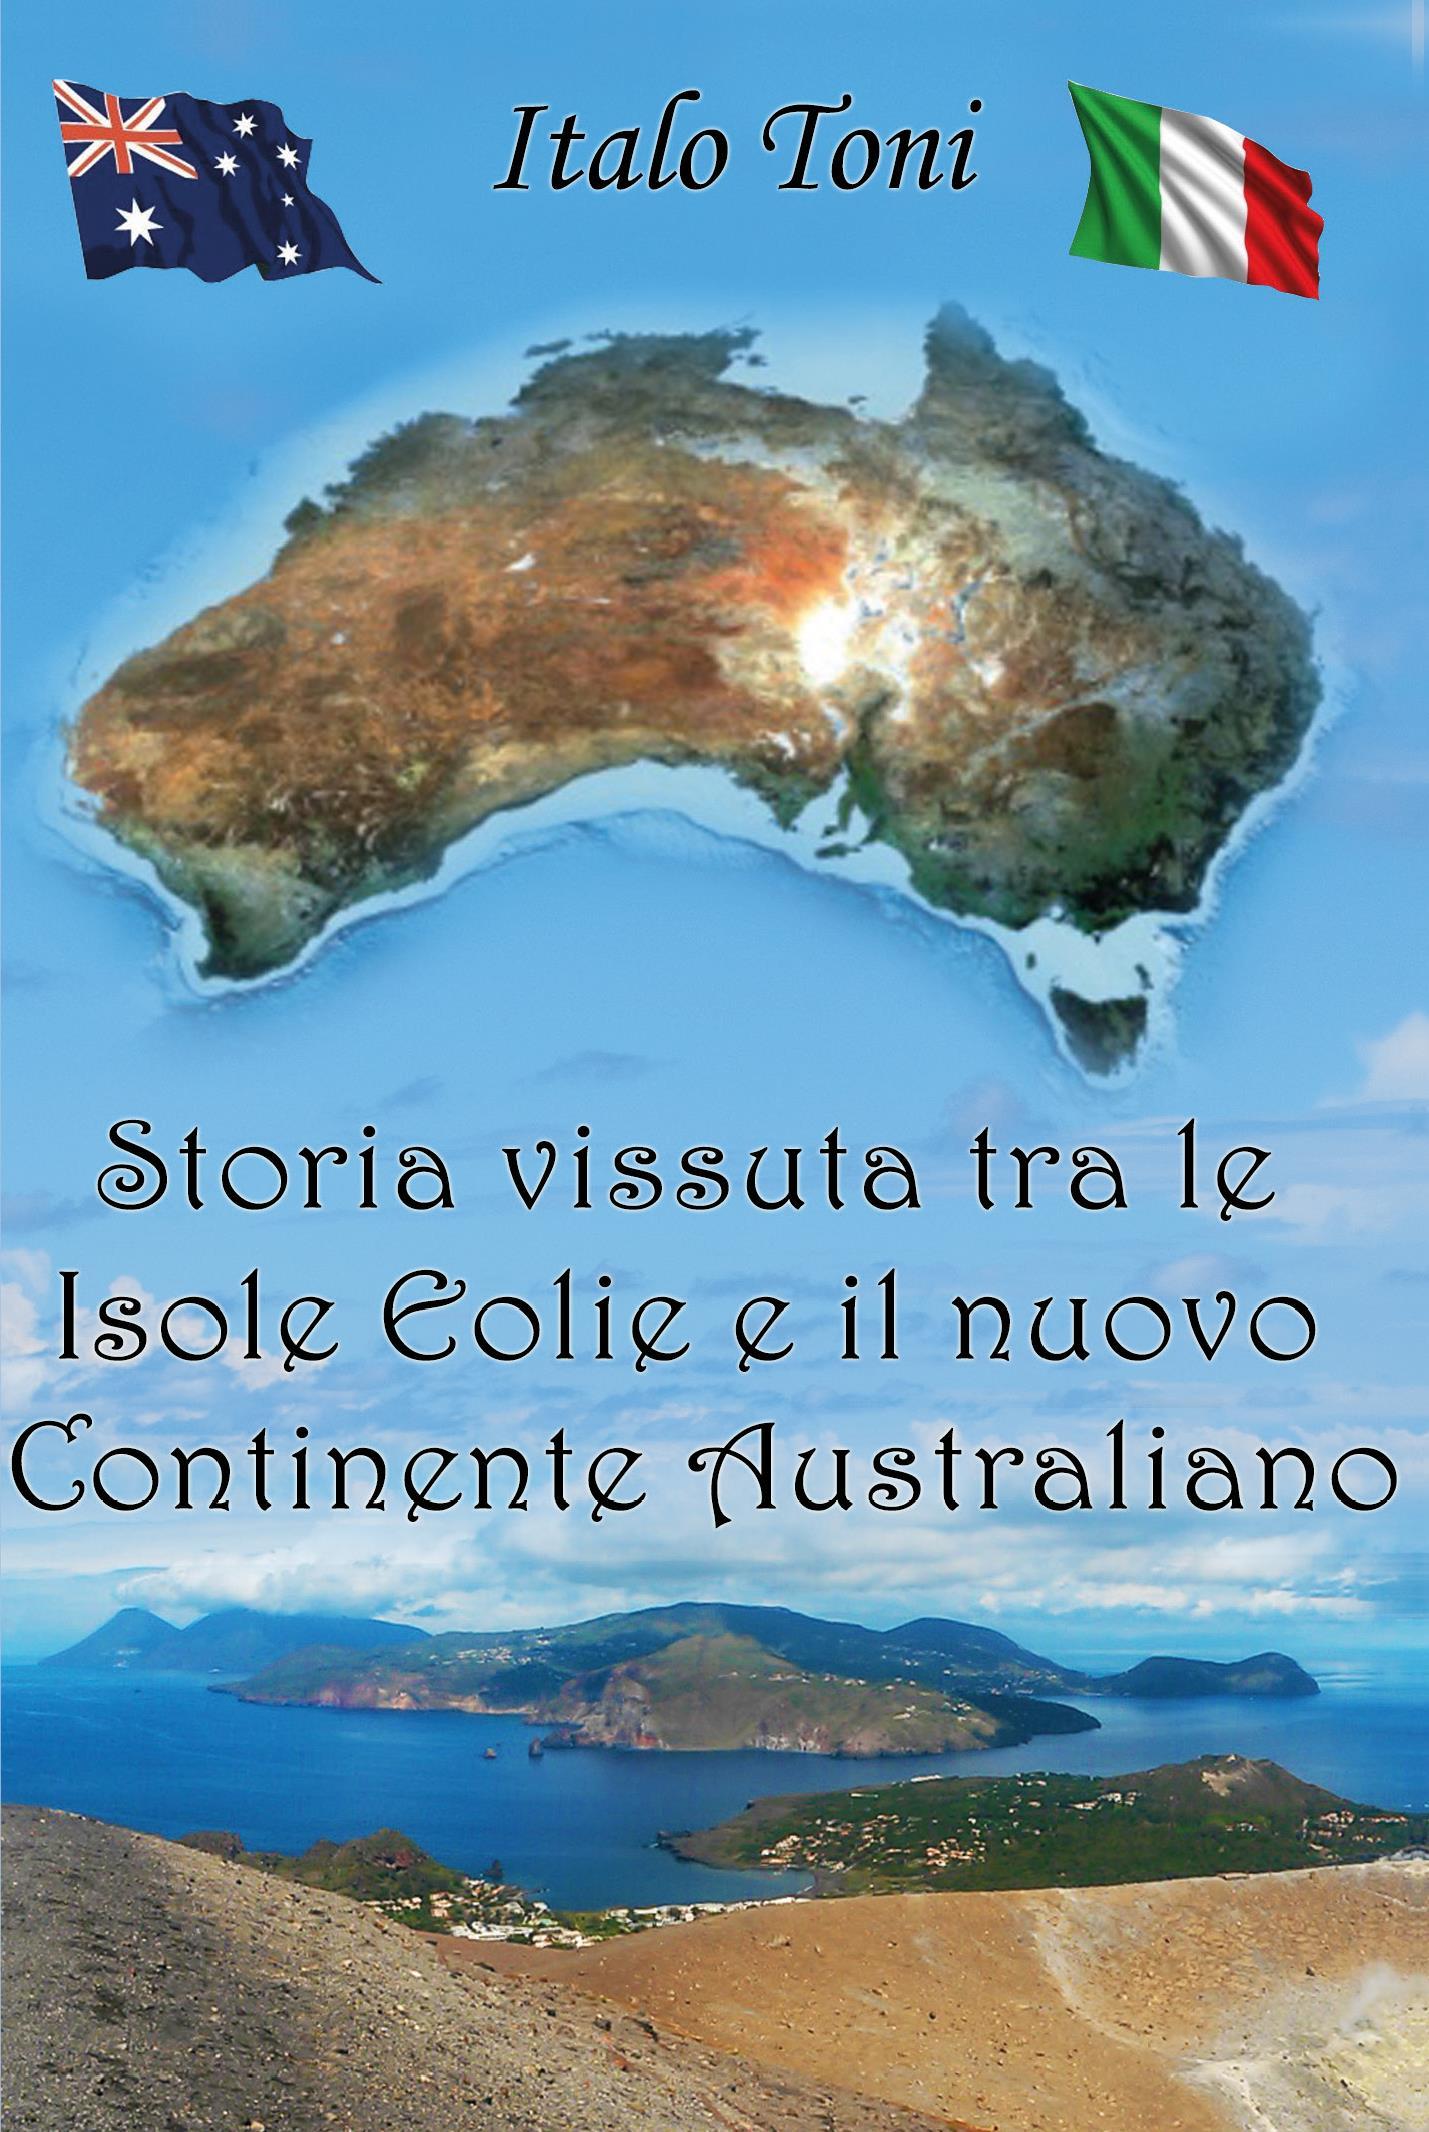 Storia vissuta tra le isole Eolie e il Nuovo Continente Australiano